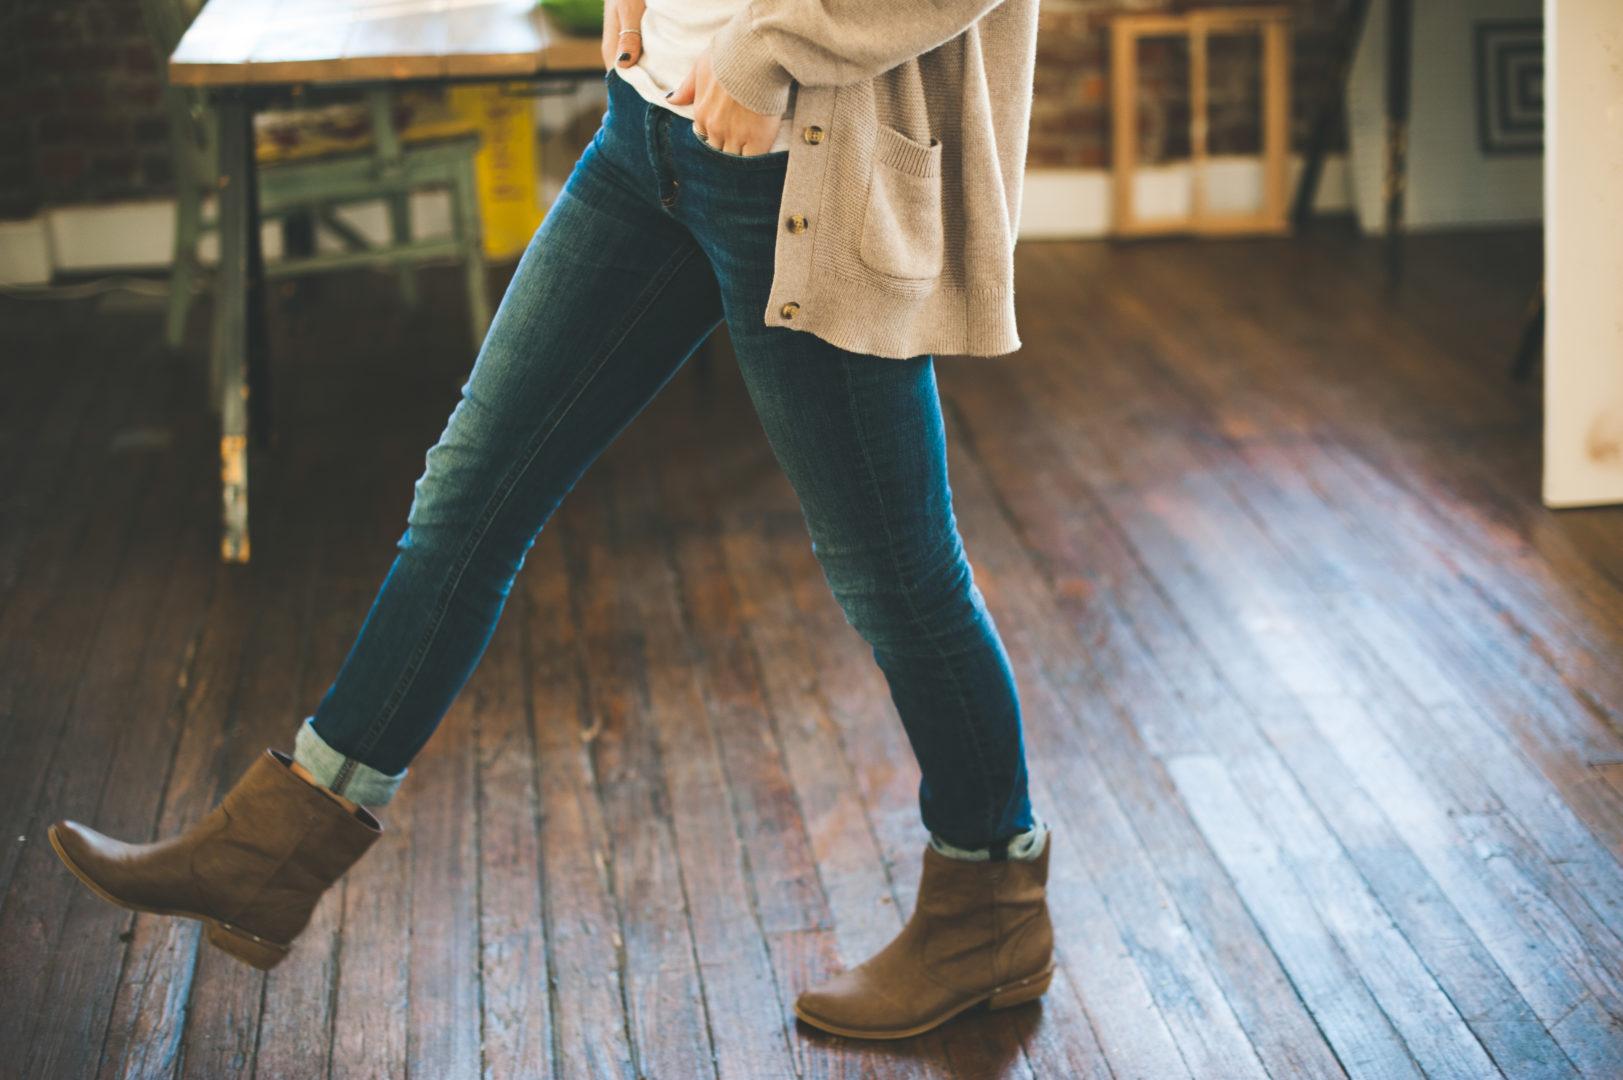 Choisir la paire de bottines idéale